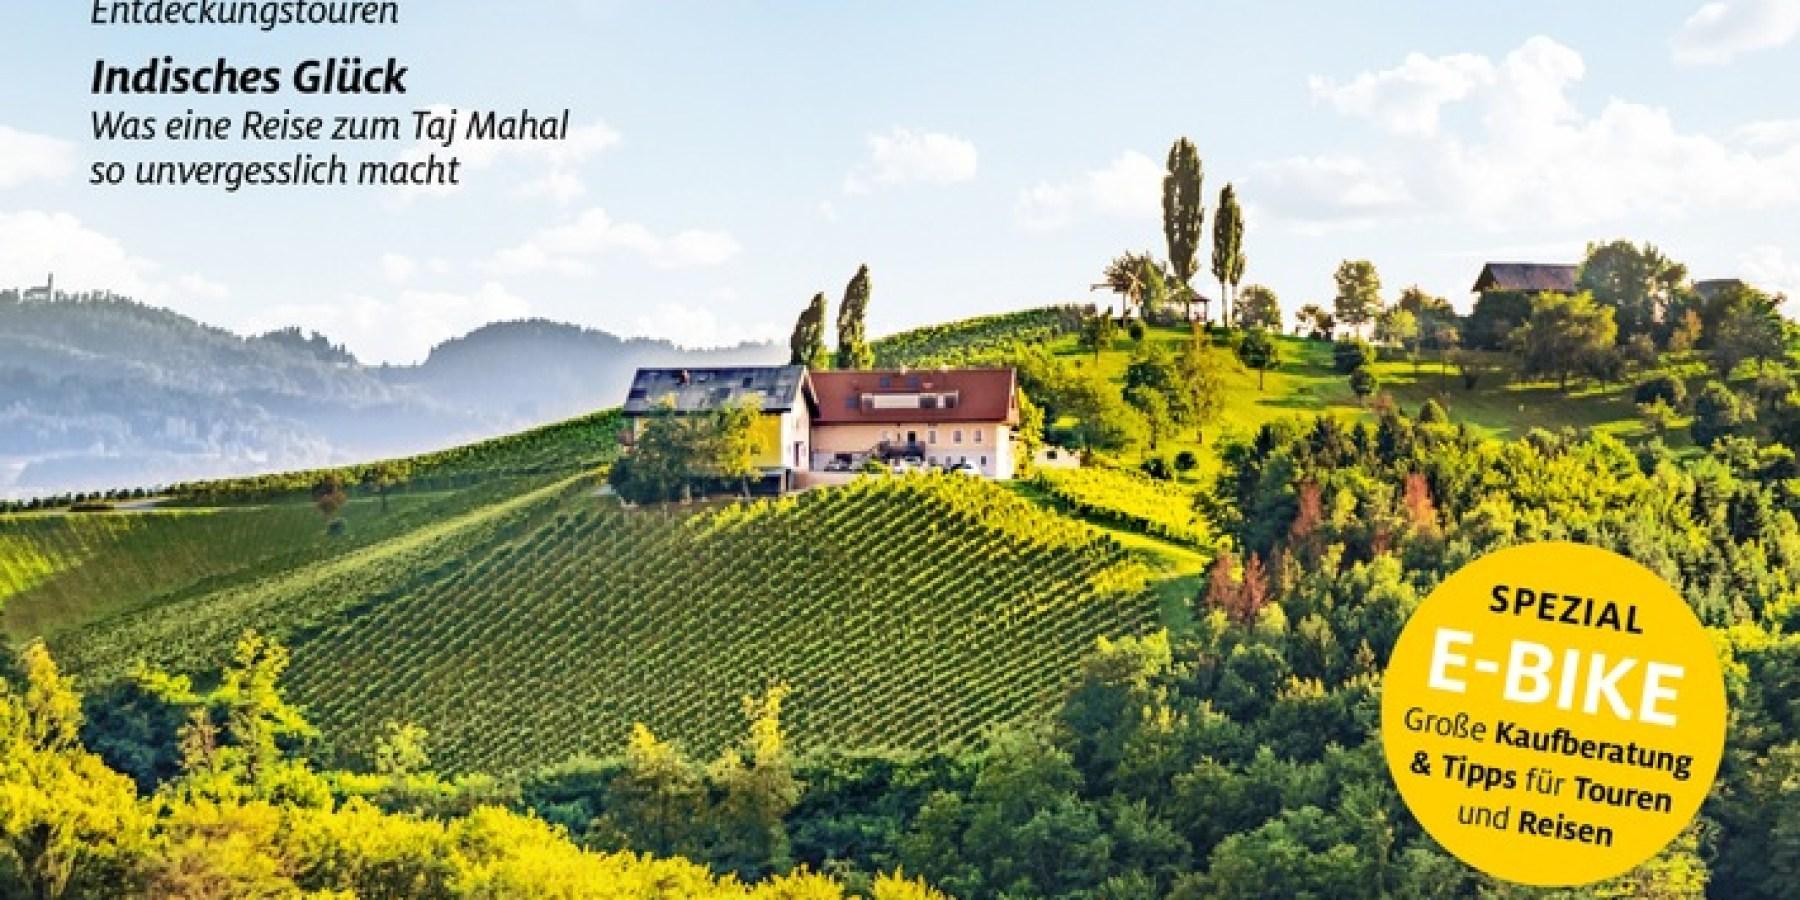 Johann Lafer im ADAC REISEMAGAZIN: So schmeckt die Steiermark